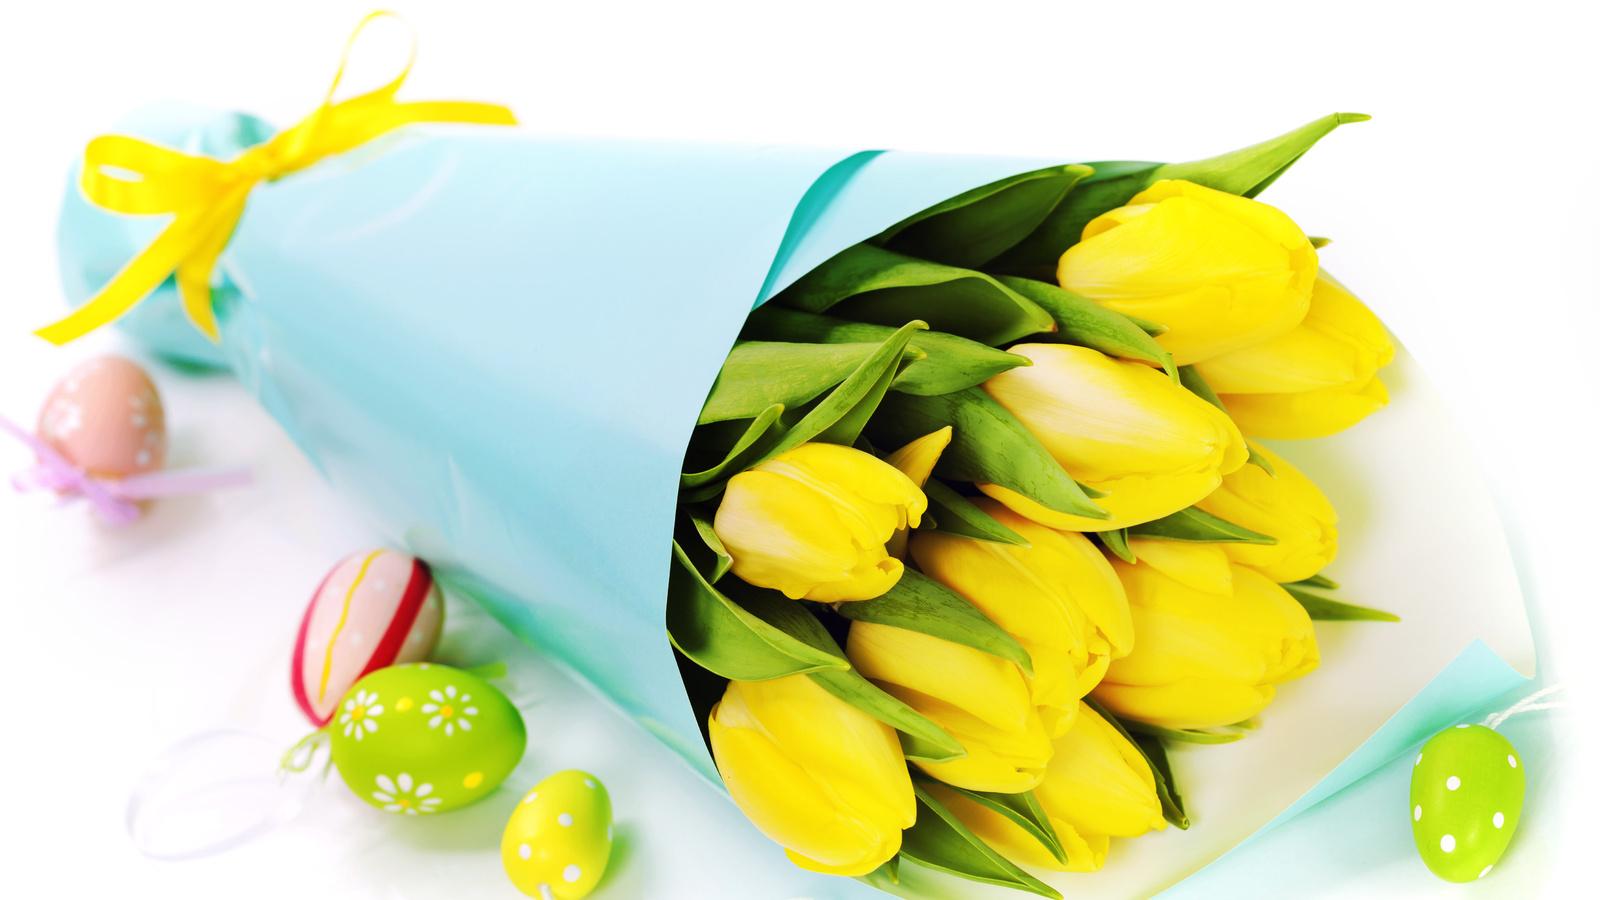 18737 скачать обои Праздники, Цветы, Фон, Пасха, Тюльпаны, Букеты - заставки и картинки бесплатно